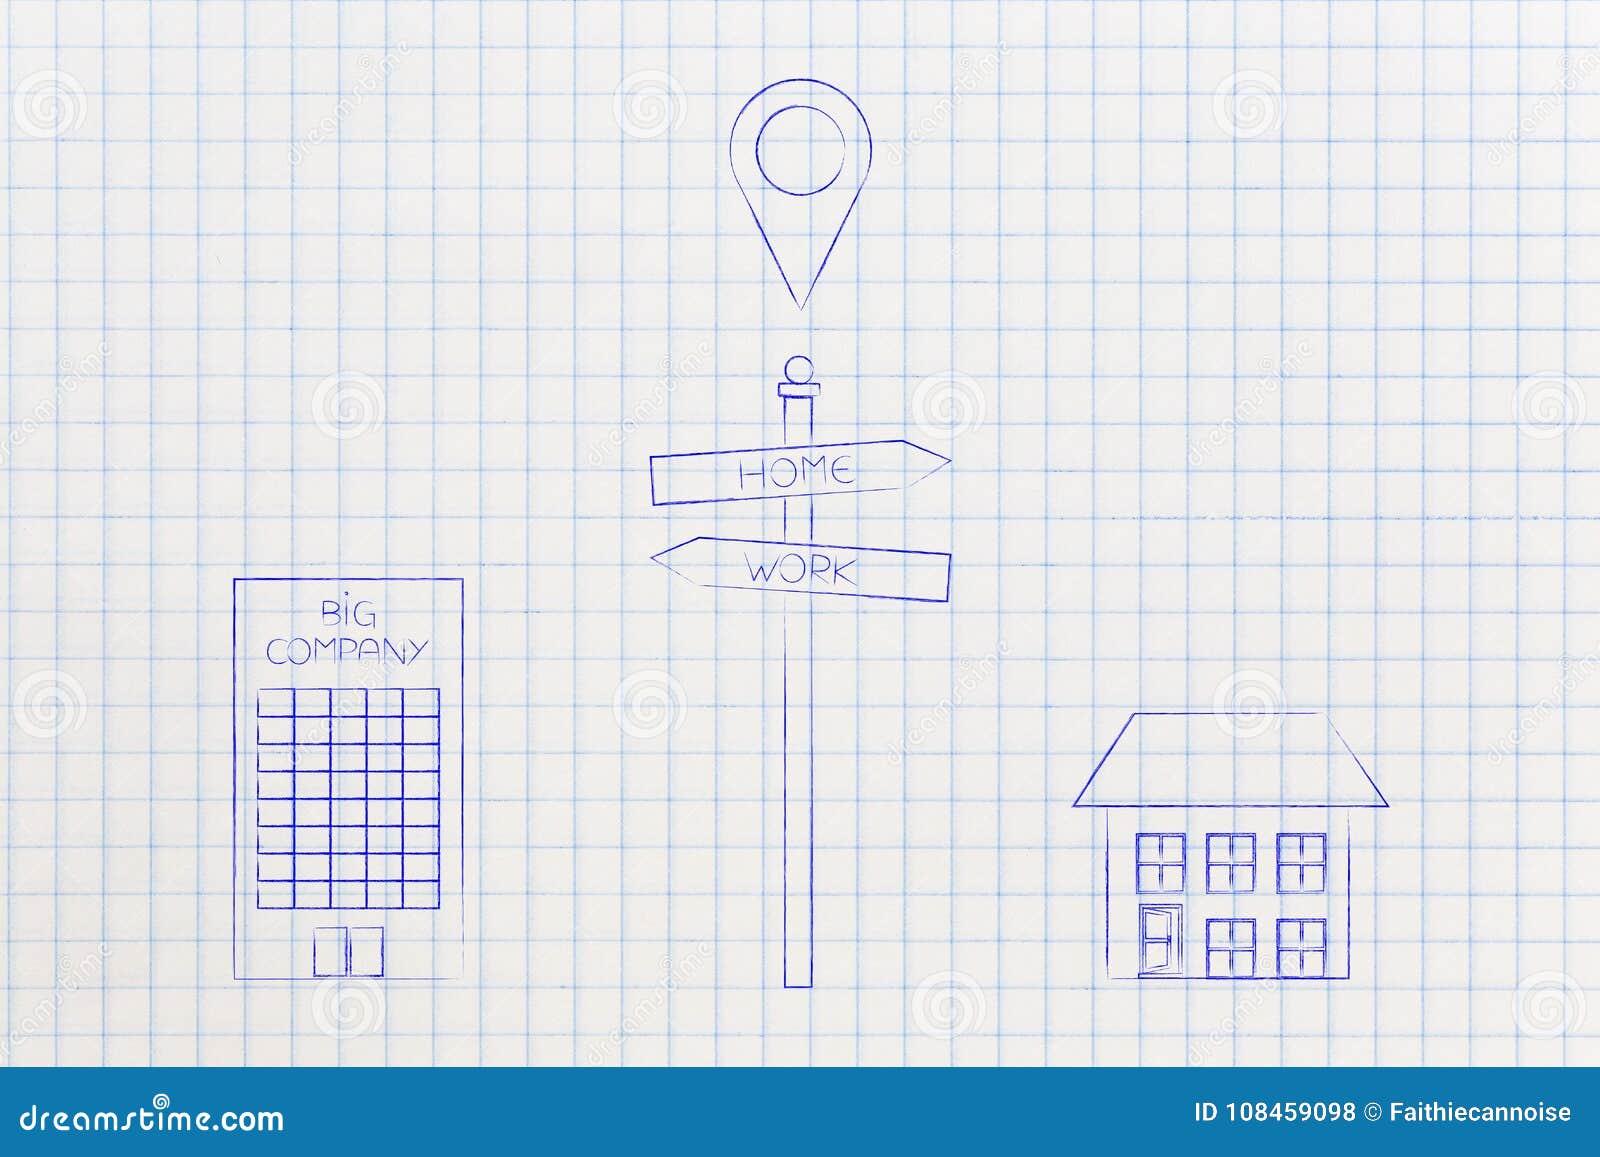 Groß Chevy Ballastwiderstand Schaltplan Fotos - Der Schaltplan ...